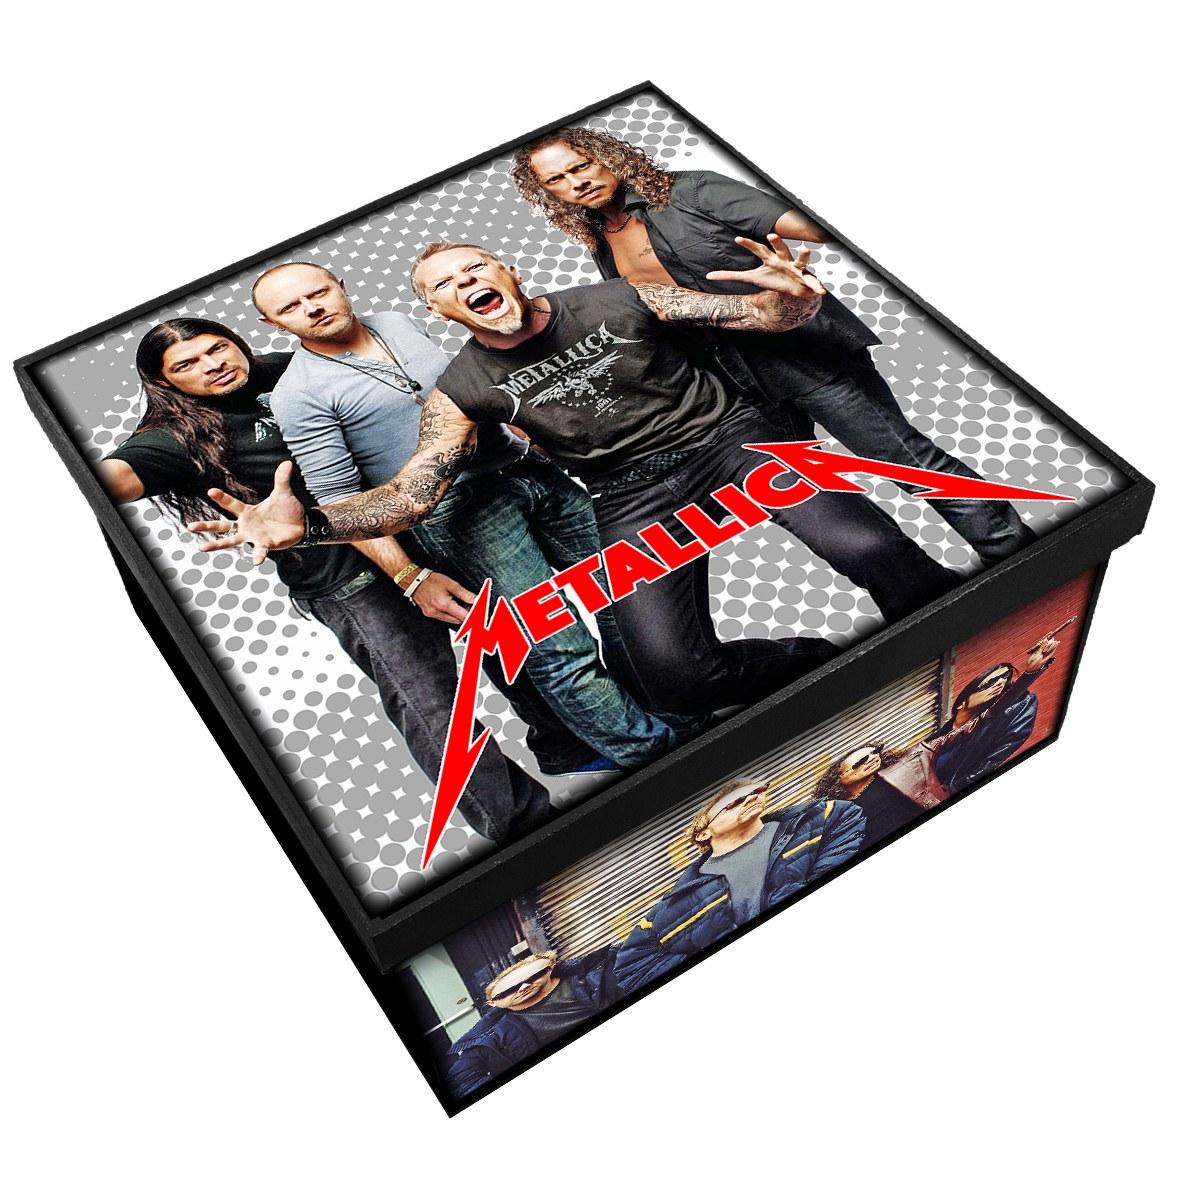 Metallica - Caixa em Madeira MDF - Tamanho Médio - Mr. Rock